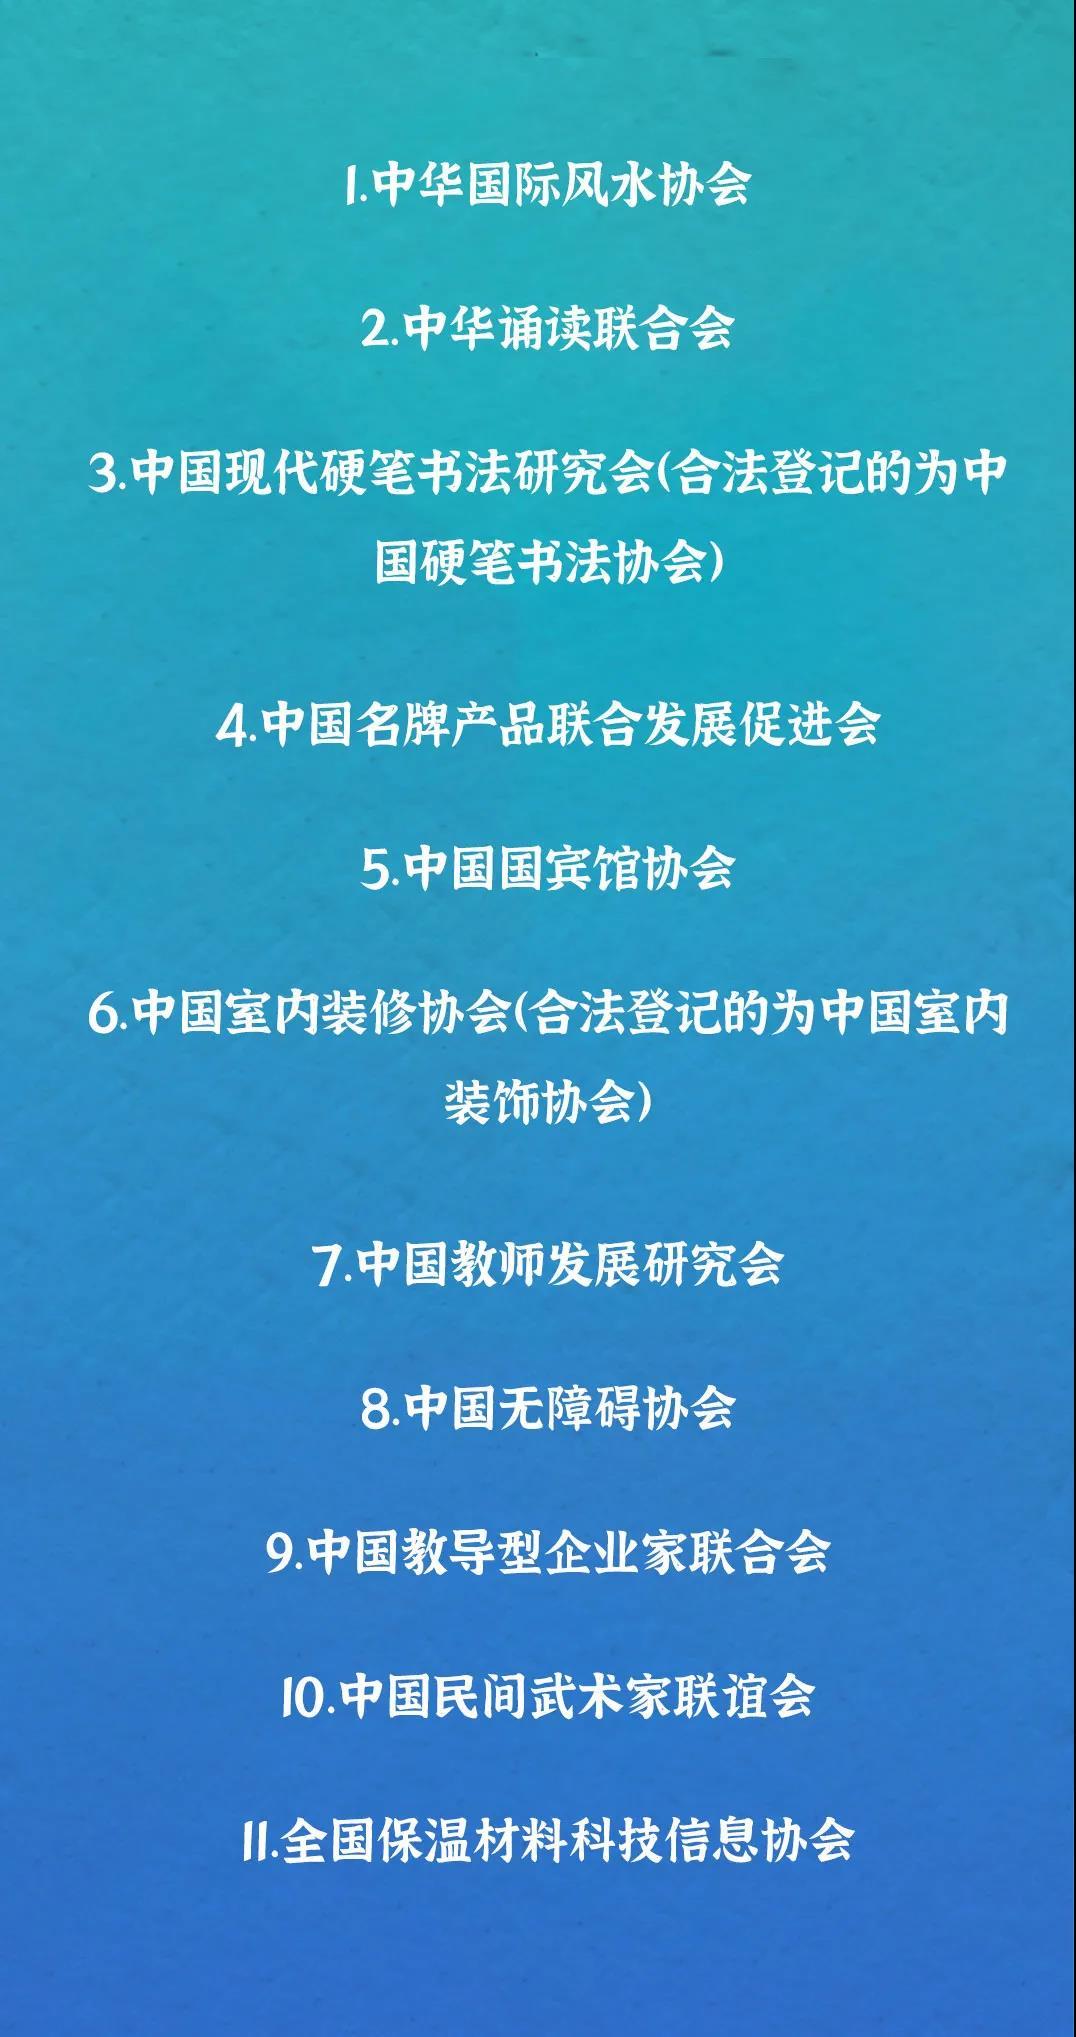 中国无障碍协会、中国教师发展研究会……2021年第三批涉嫌非法社会组织名单公布